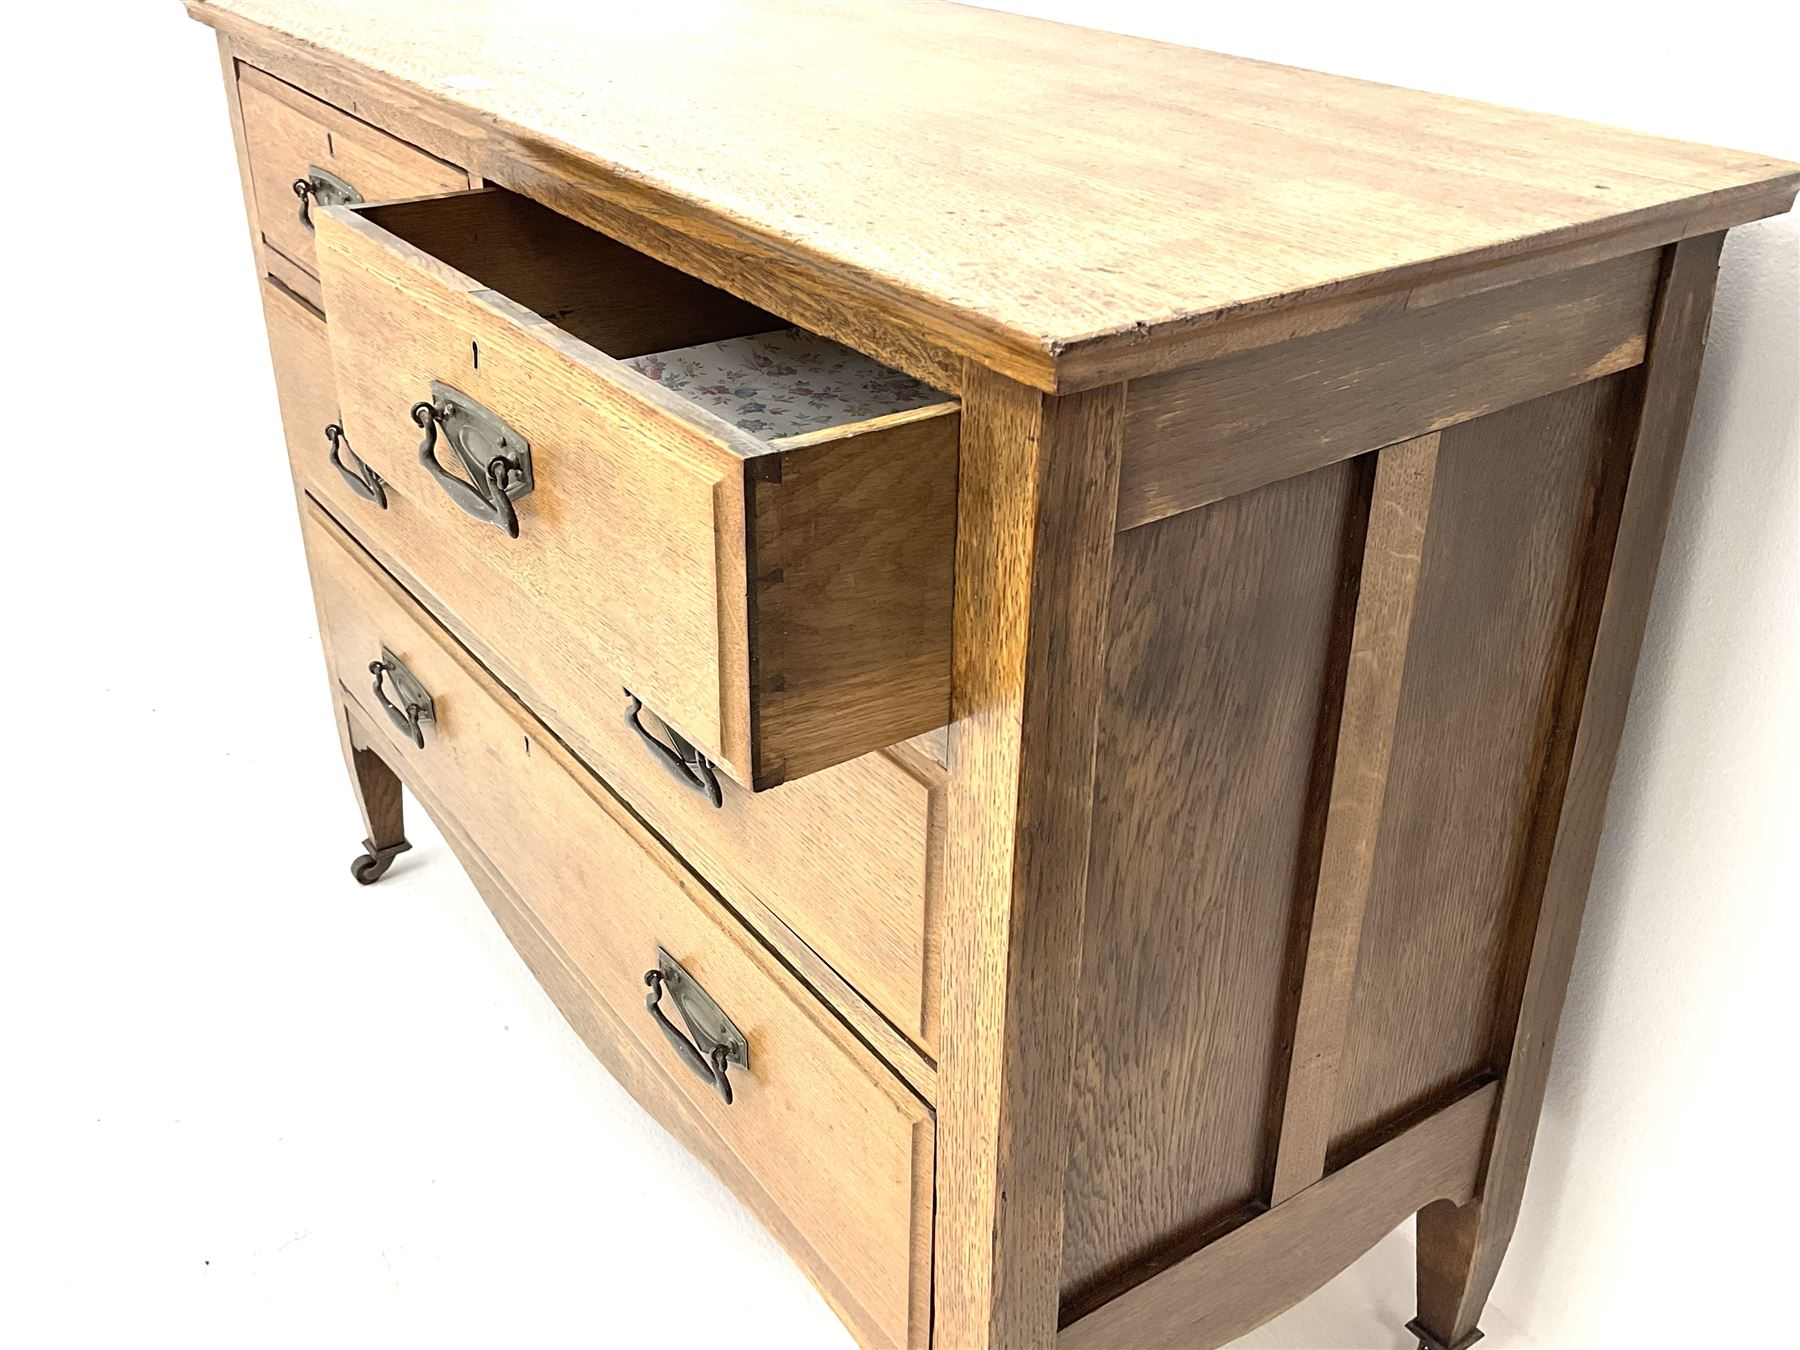 Edwardian oak chest - Image 3 of 3